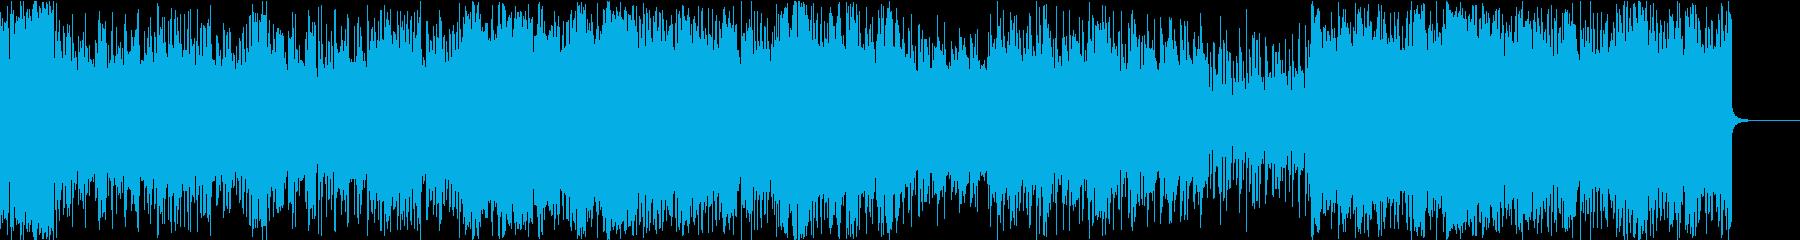 ニルヴァーナっぽい曲です。の再生済みの波形